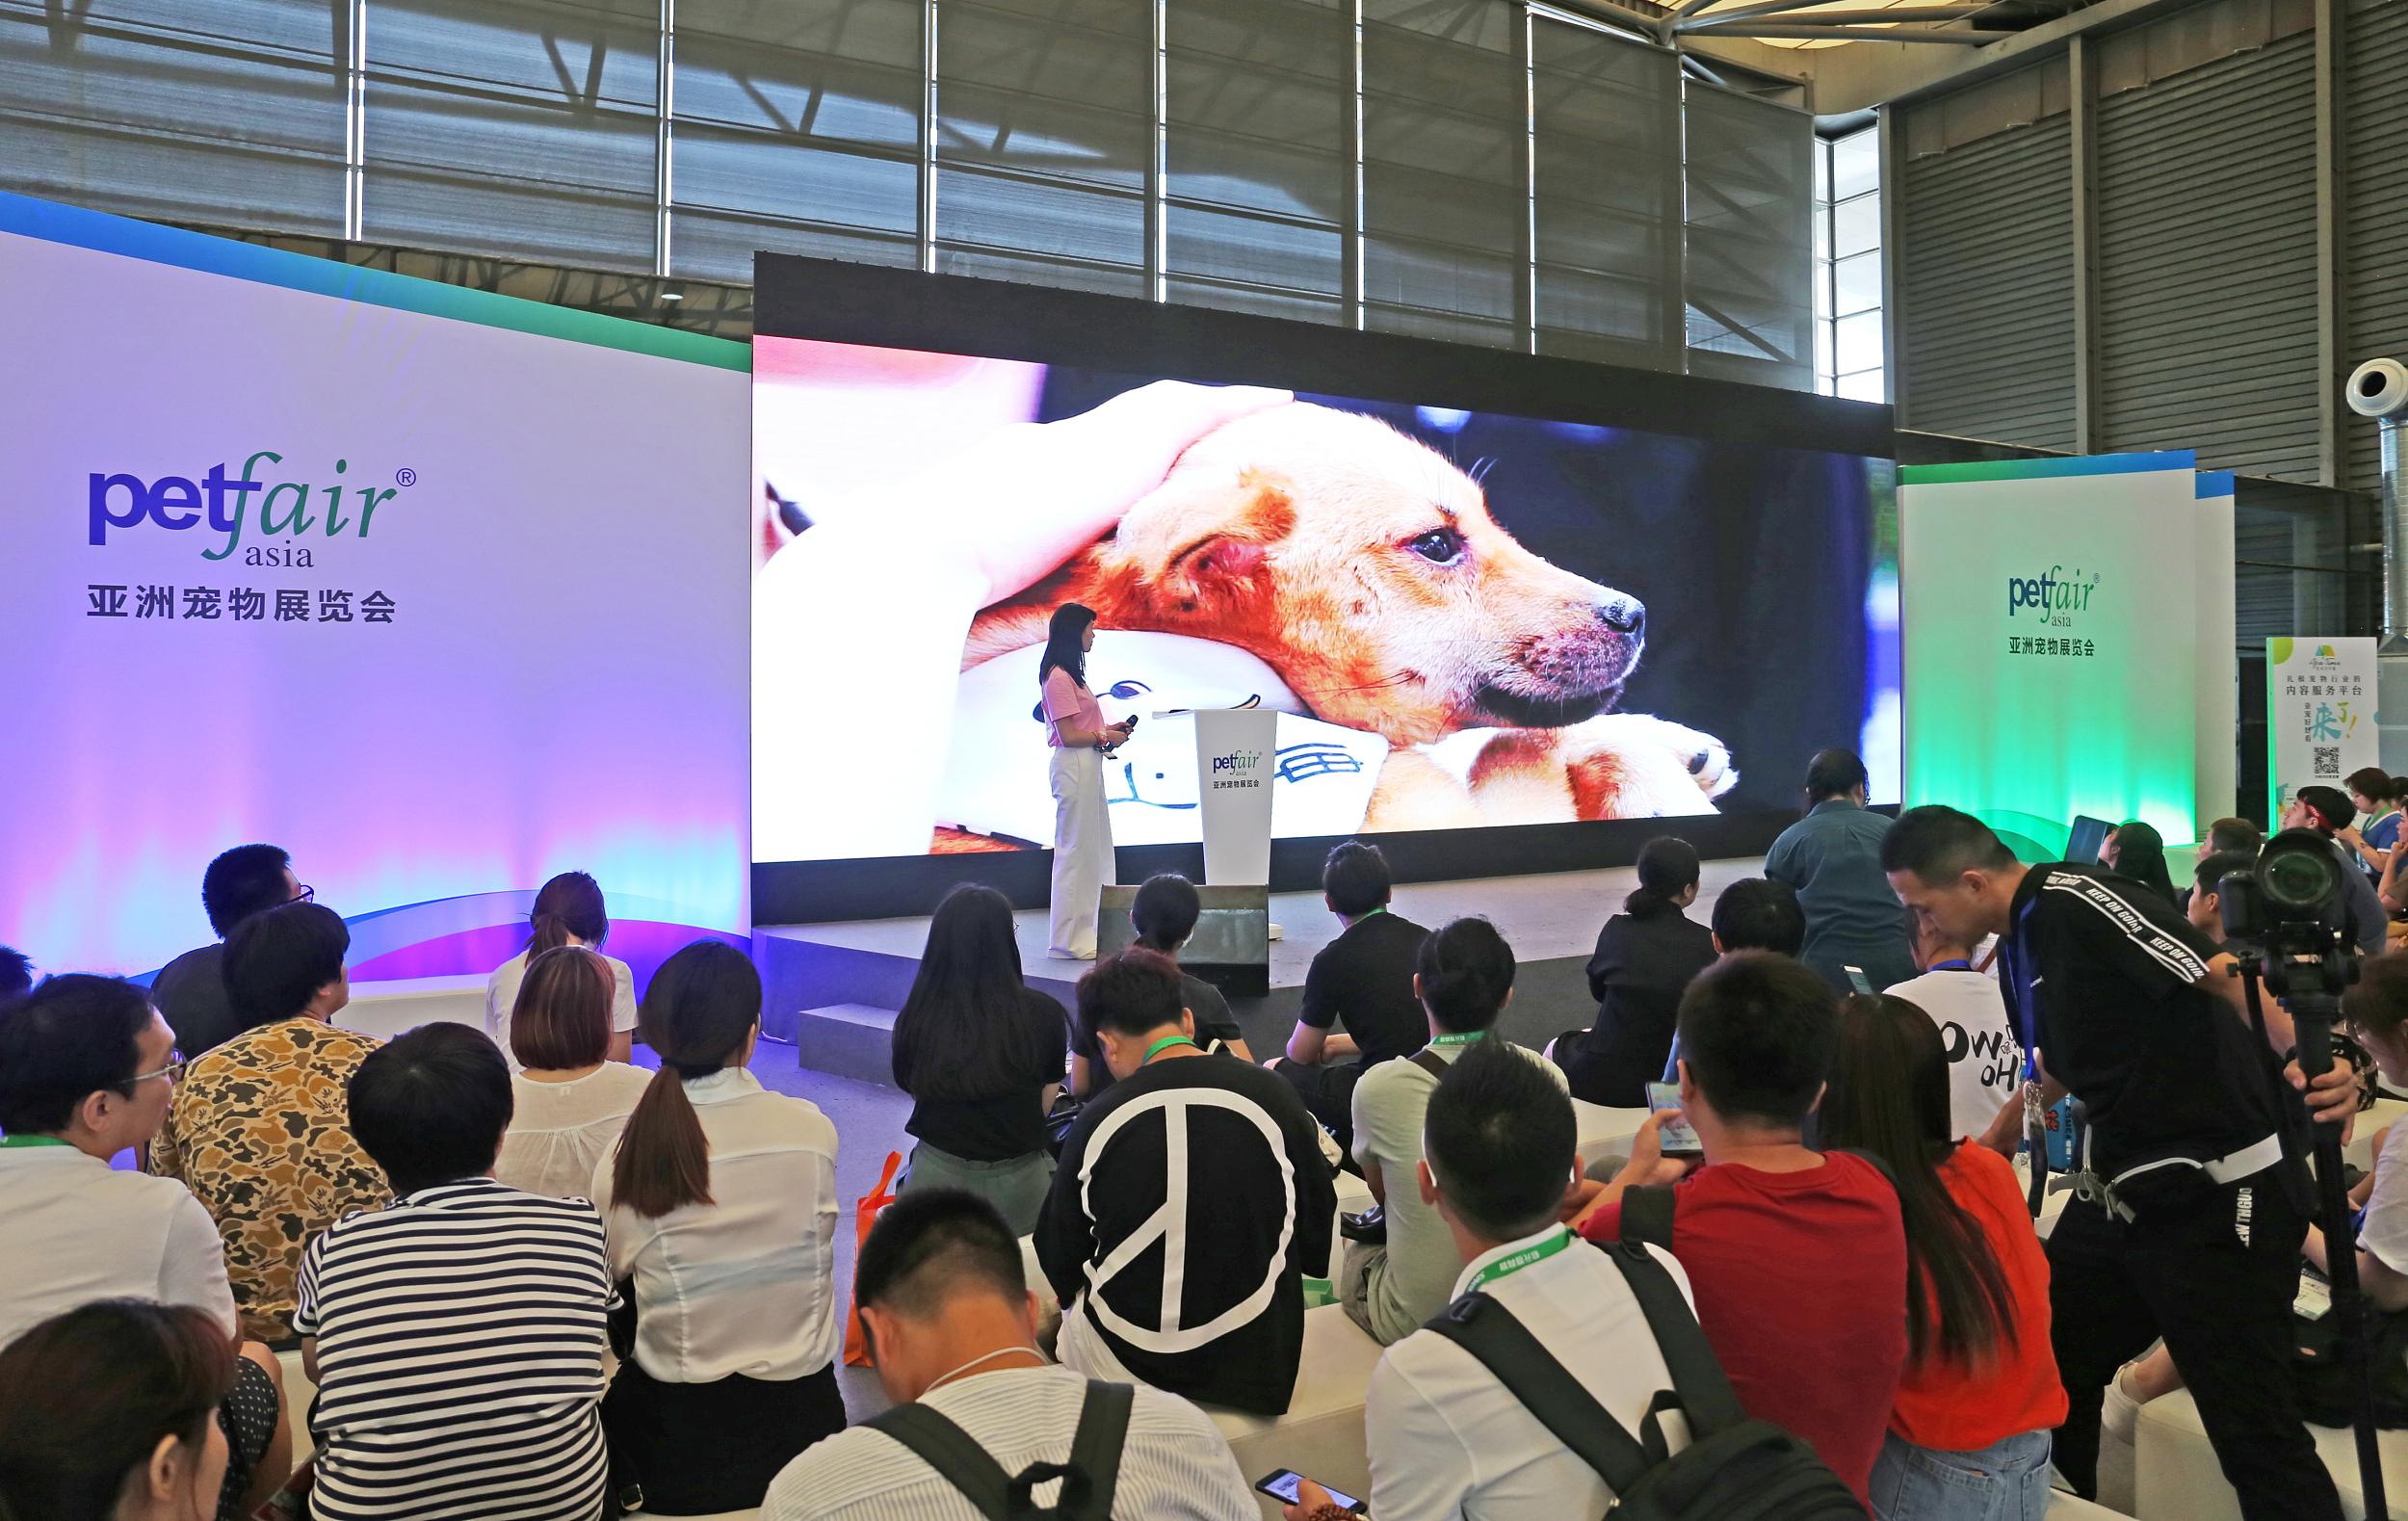 """第22届亚洲宠物展在上海开幕 喵星人、汪星人享受""""星级待遇"""""""